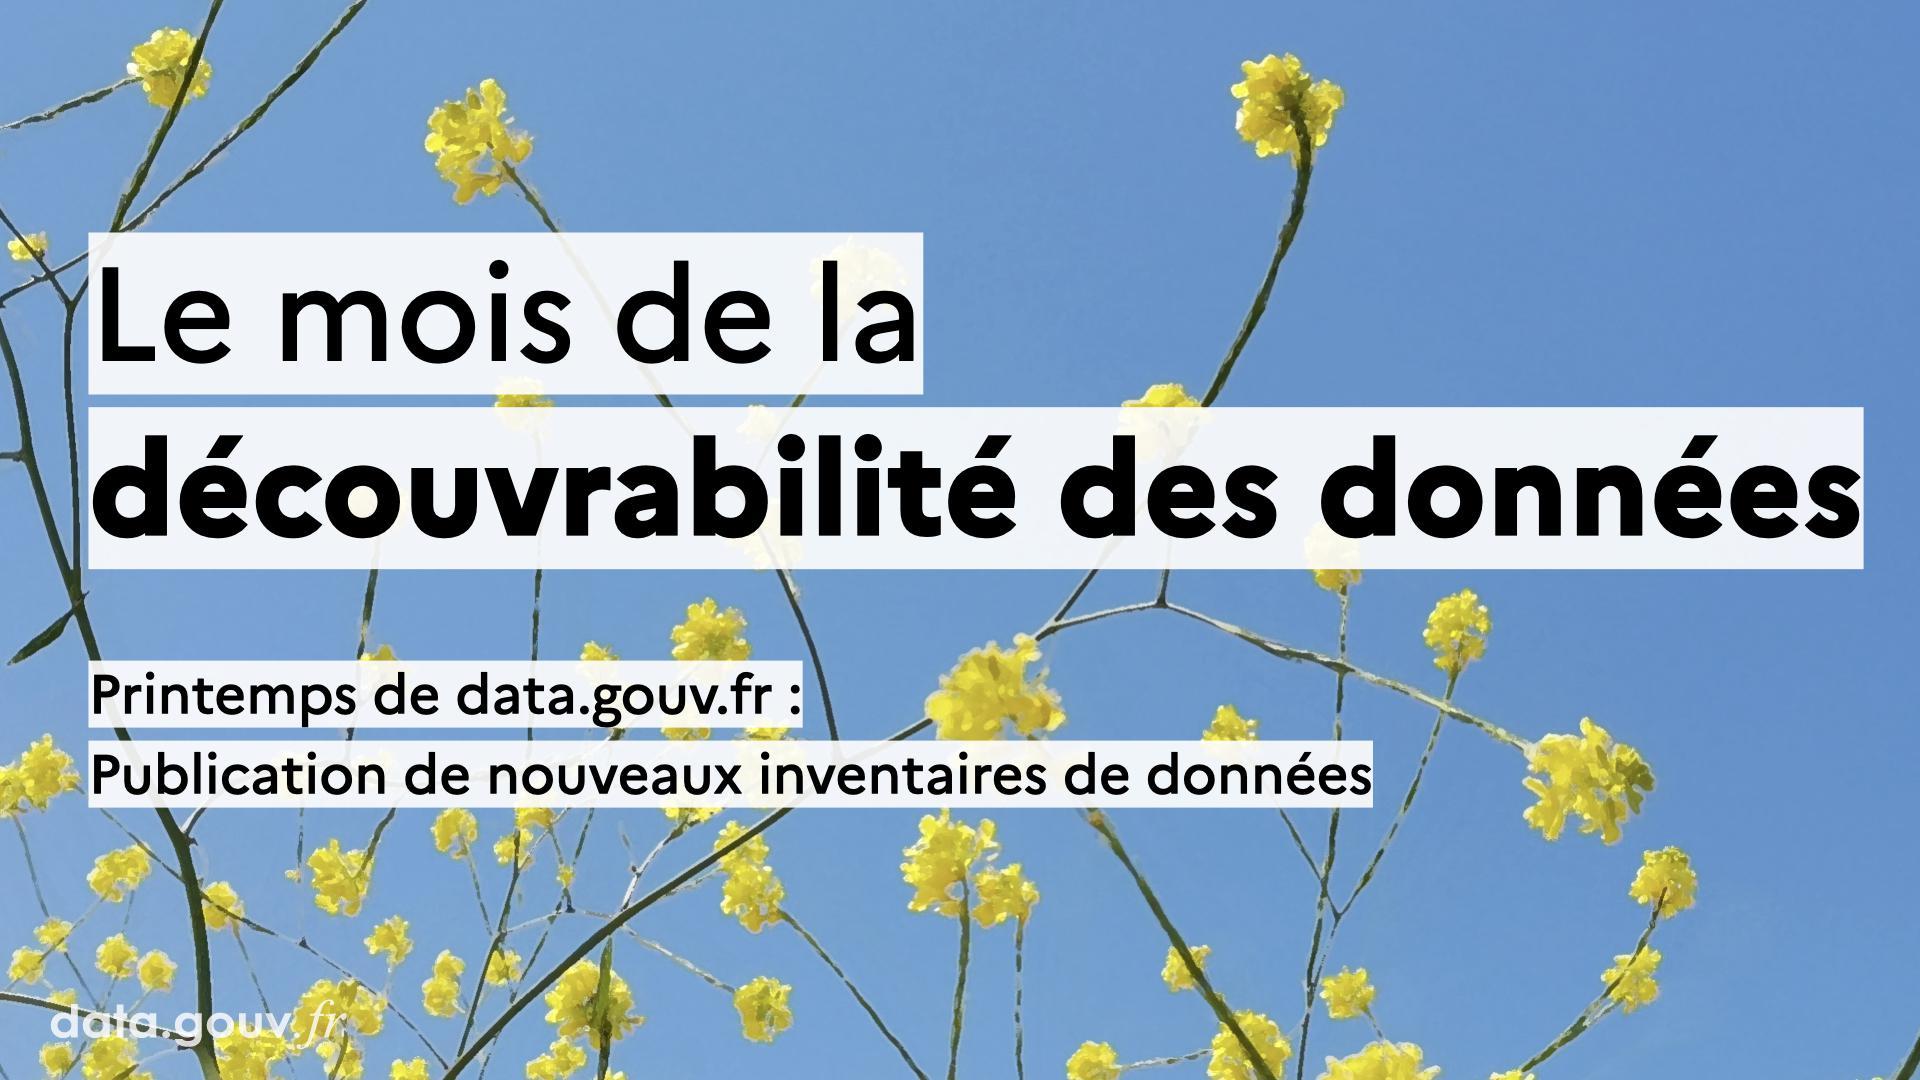 Découvrabilité des données : publication de nouveaux inventaires de données